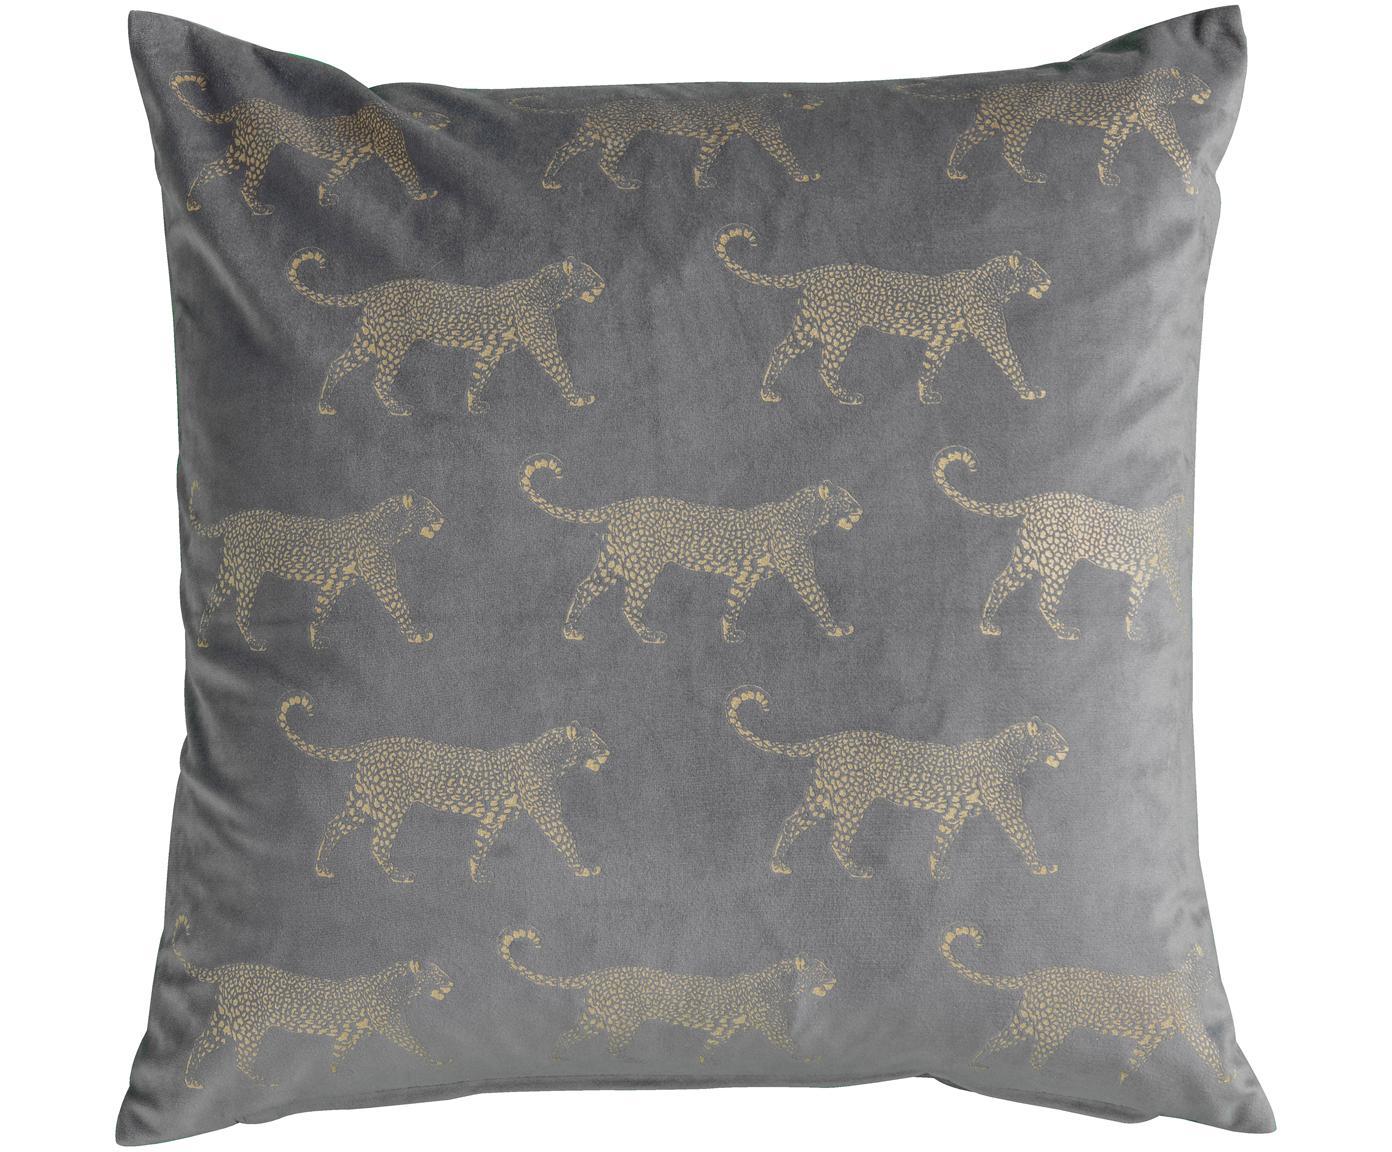 Cojín de terciopelo Leopard, con relleno, Tapizado: 100%terciopelo de poliés, Gris, dorado, An 45 x L 45 cm